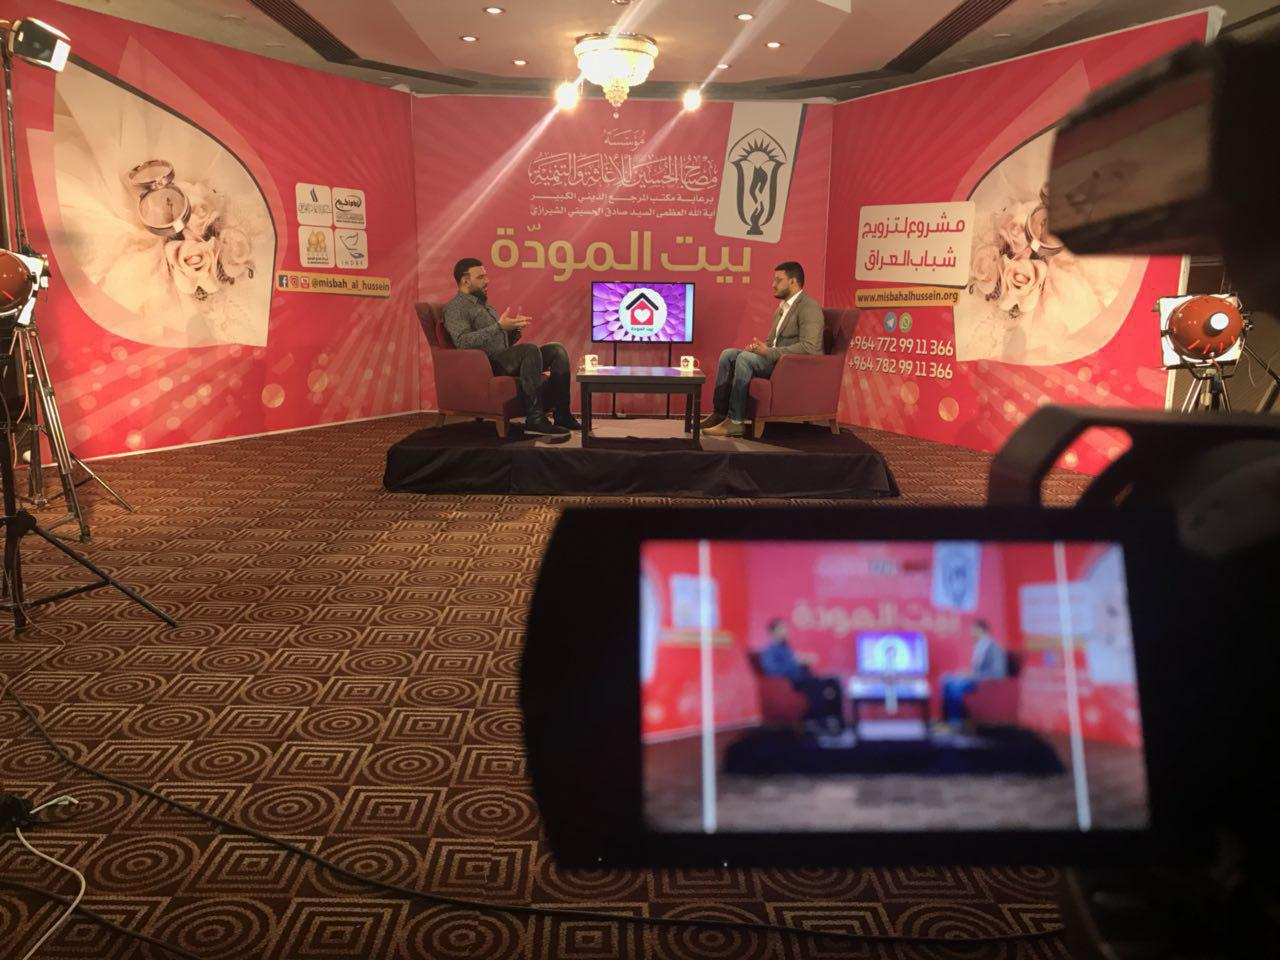 صورة الاعلان عن تسجيل الحلقة الثالثة من برنامج مشروع بيت المودة لتزويج شباب العراق